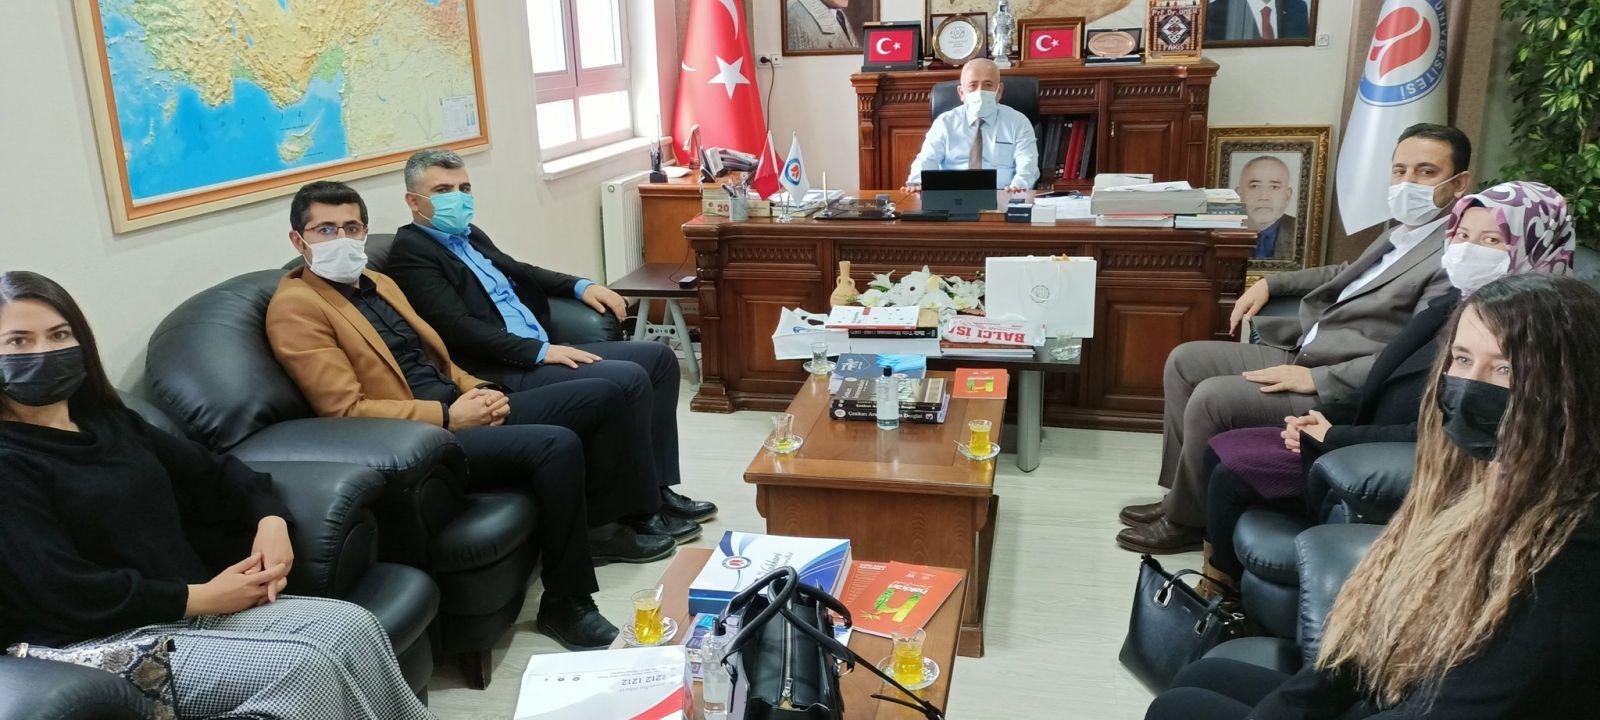 Sendika Yönetimi  ve Kadın Komisyonumuzla beraber Hakkari Üniversitesi Rektörlüğüne Yeniden Atanan Prof.Dr. Ömer PAKİŞ' i Ziyaret Ettik.